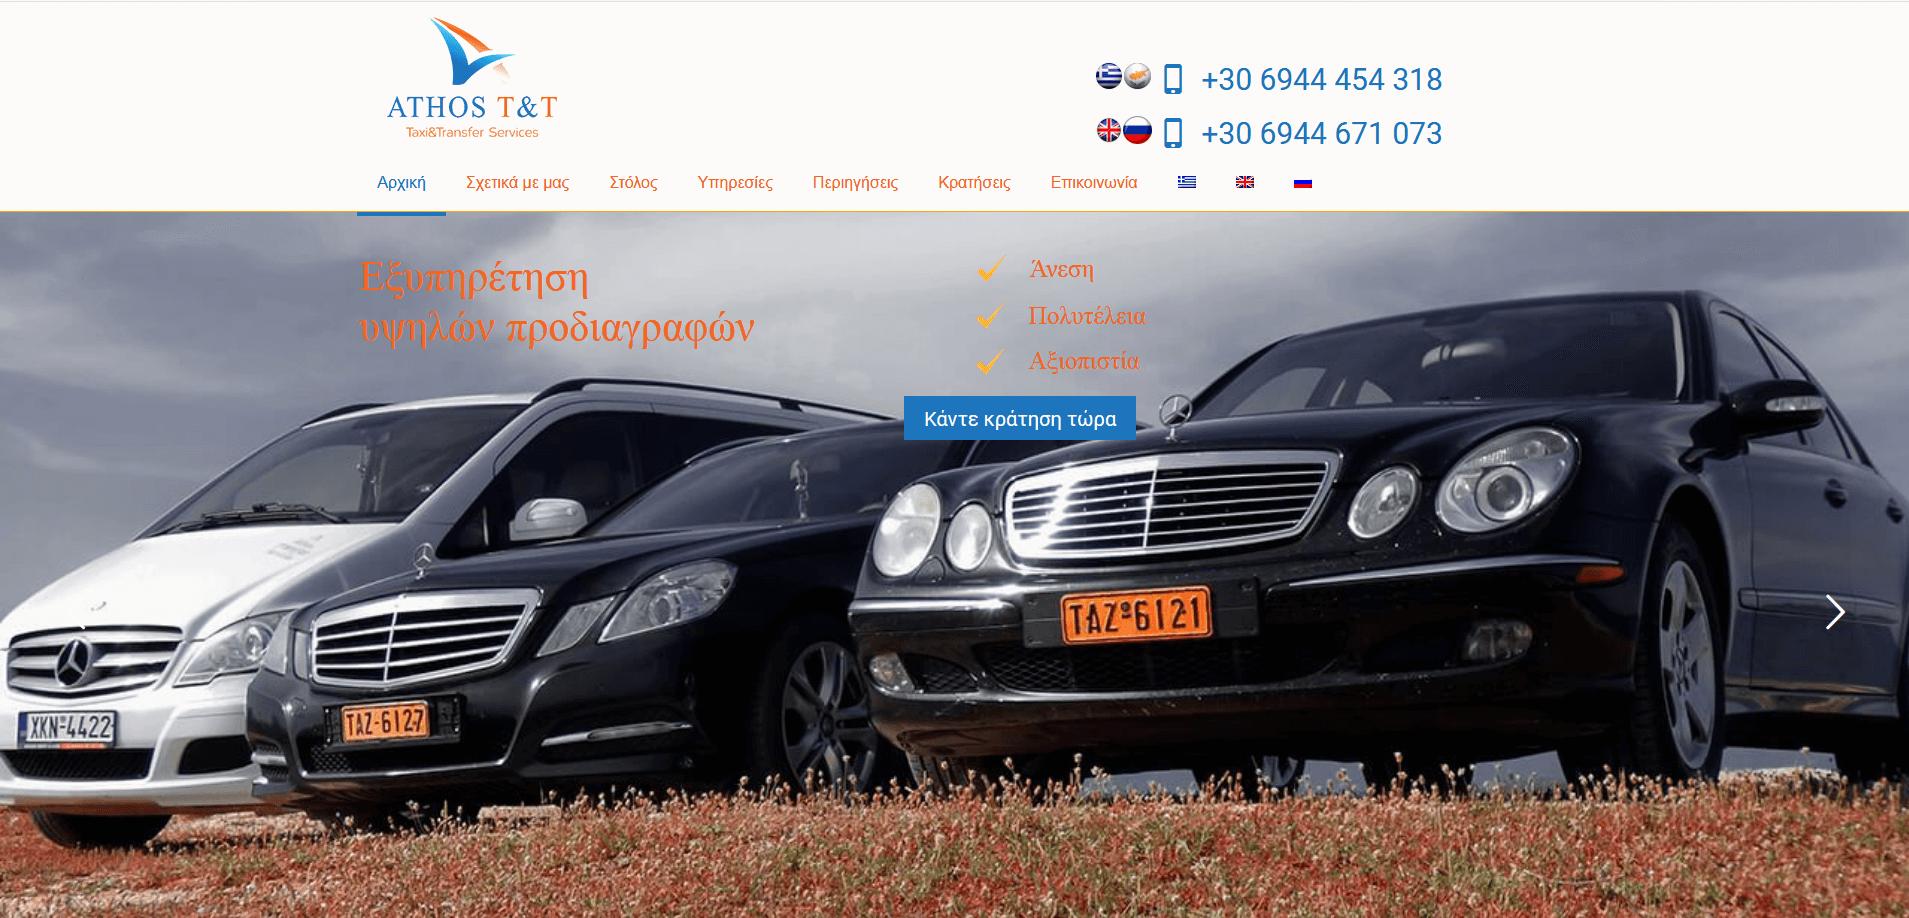 Ανακατασκευή Ιστοσελίδας Athos Taxi & Transfer Services - Smartwebdesign